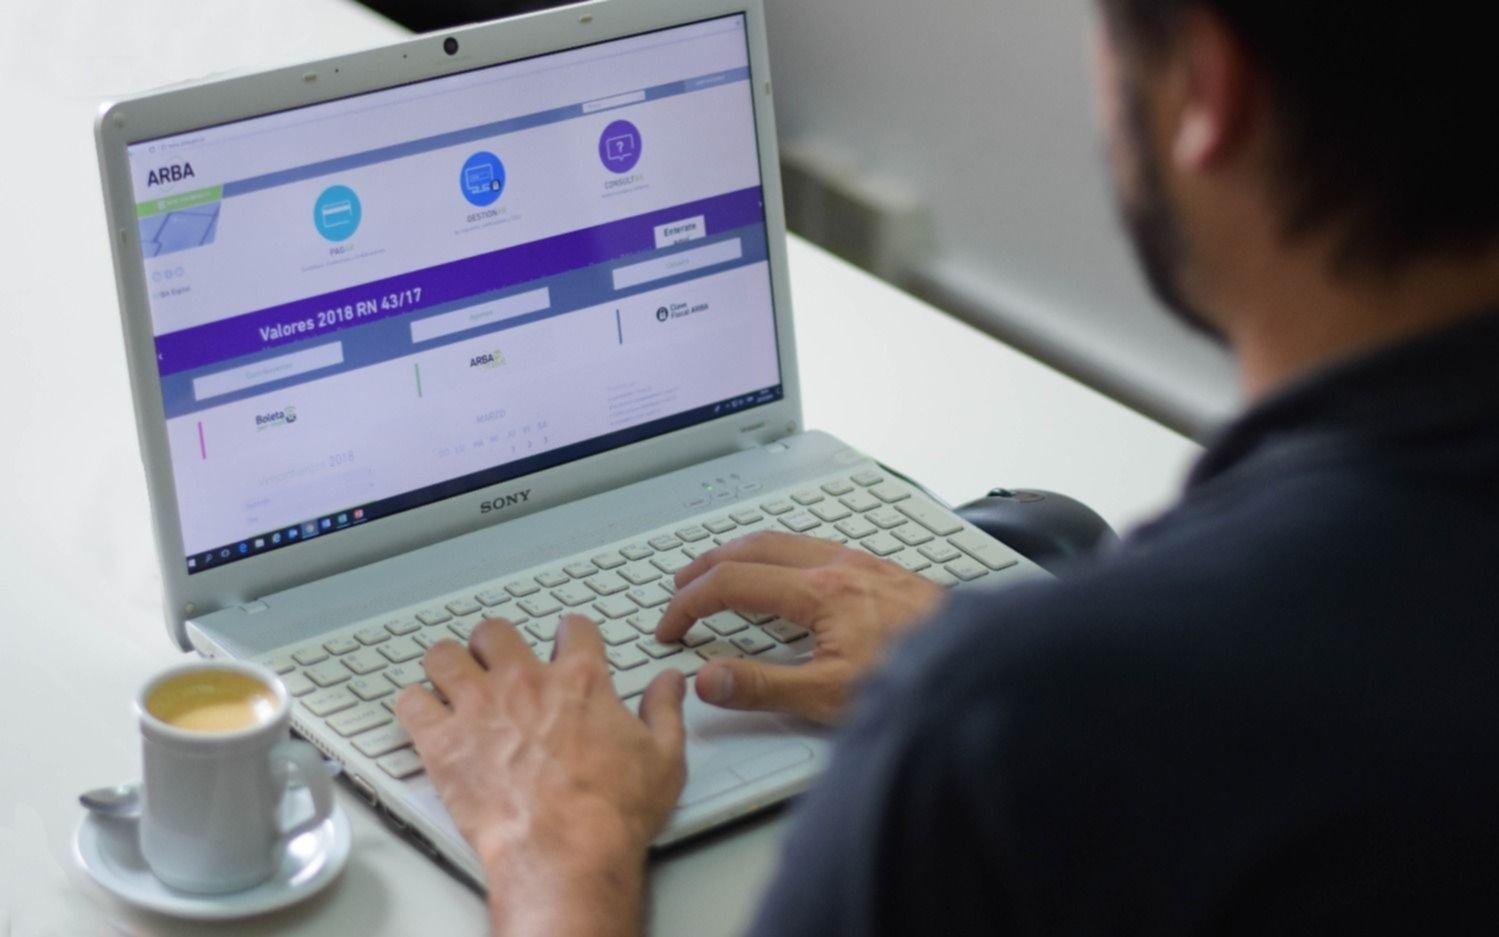 Contribuyentes bonaerenses con crédito fiscal con ARBA recibirán devolución en 3 días